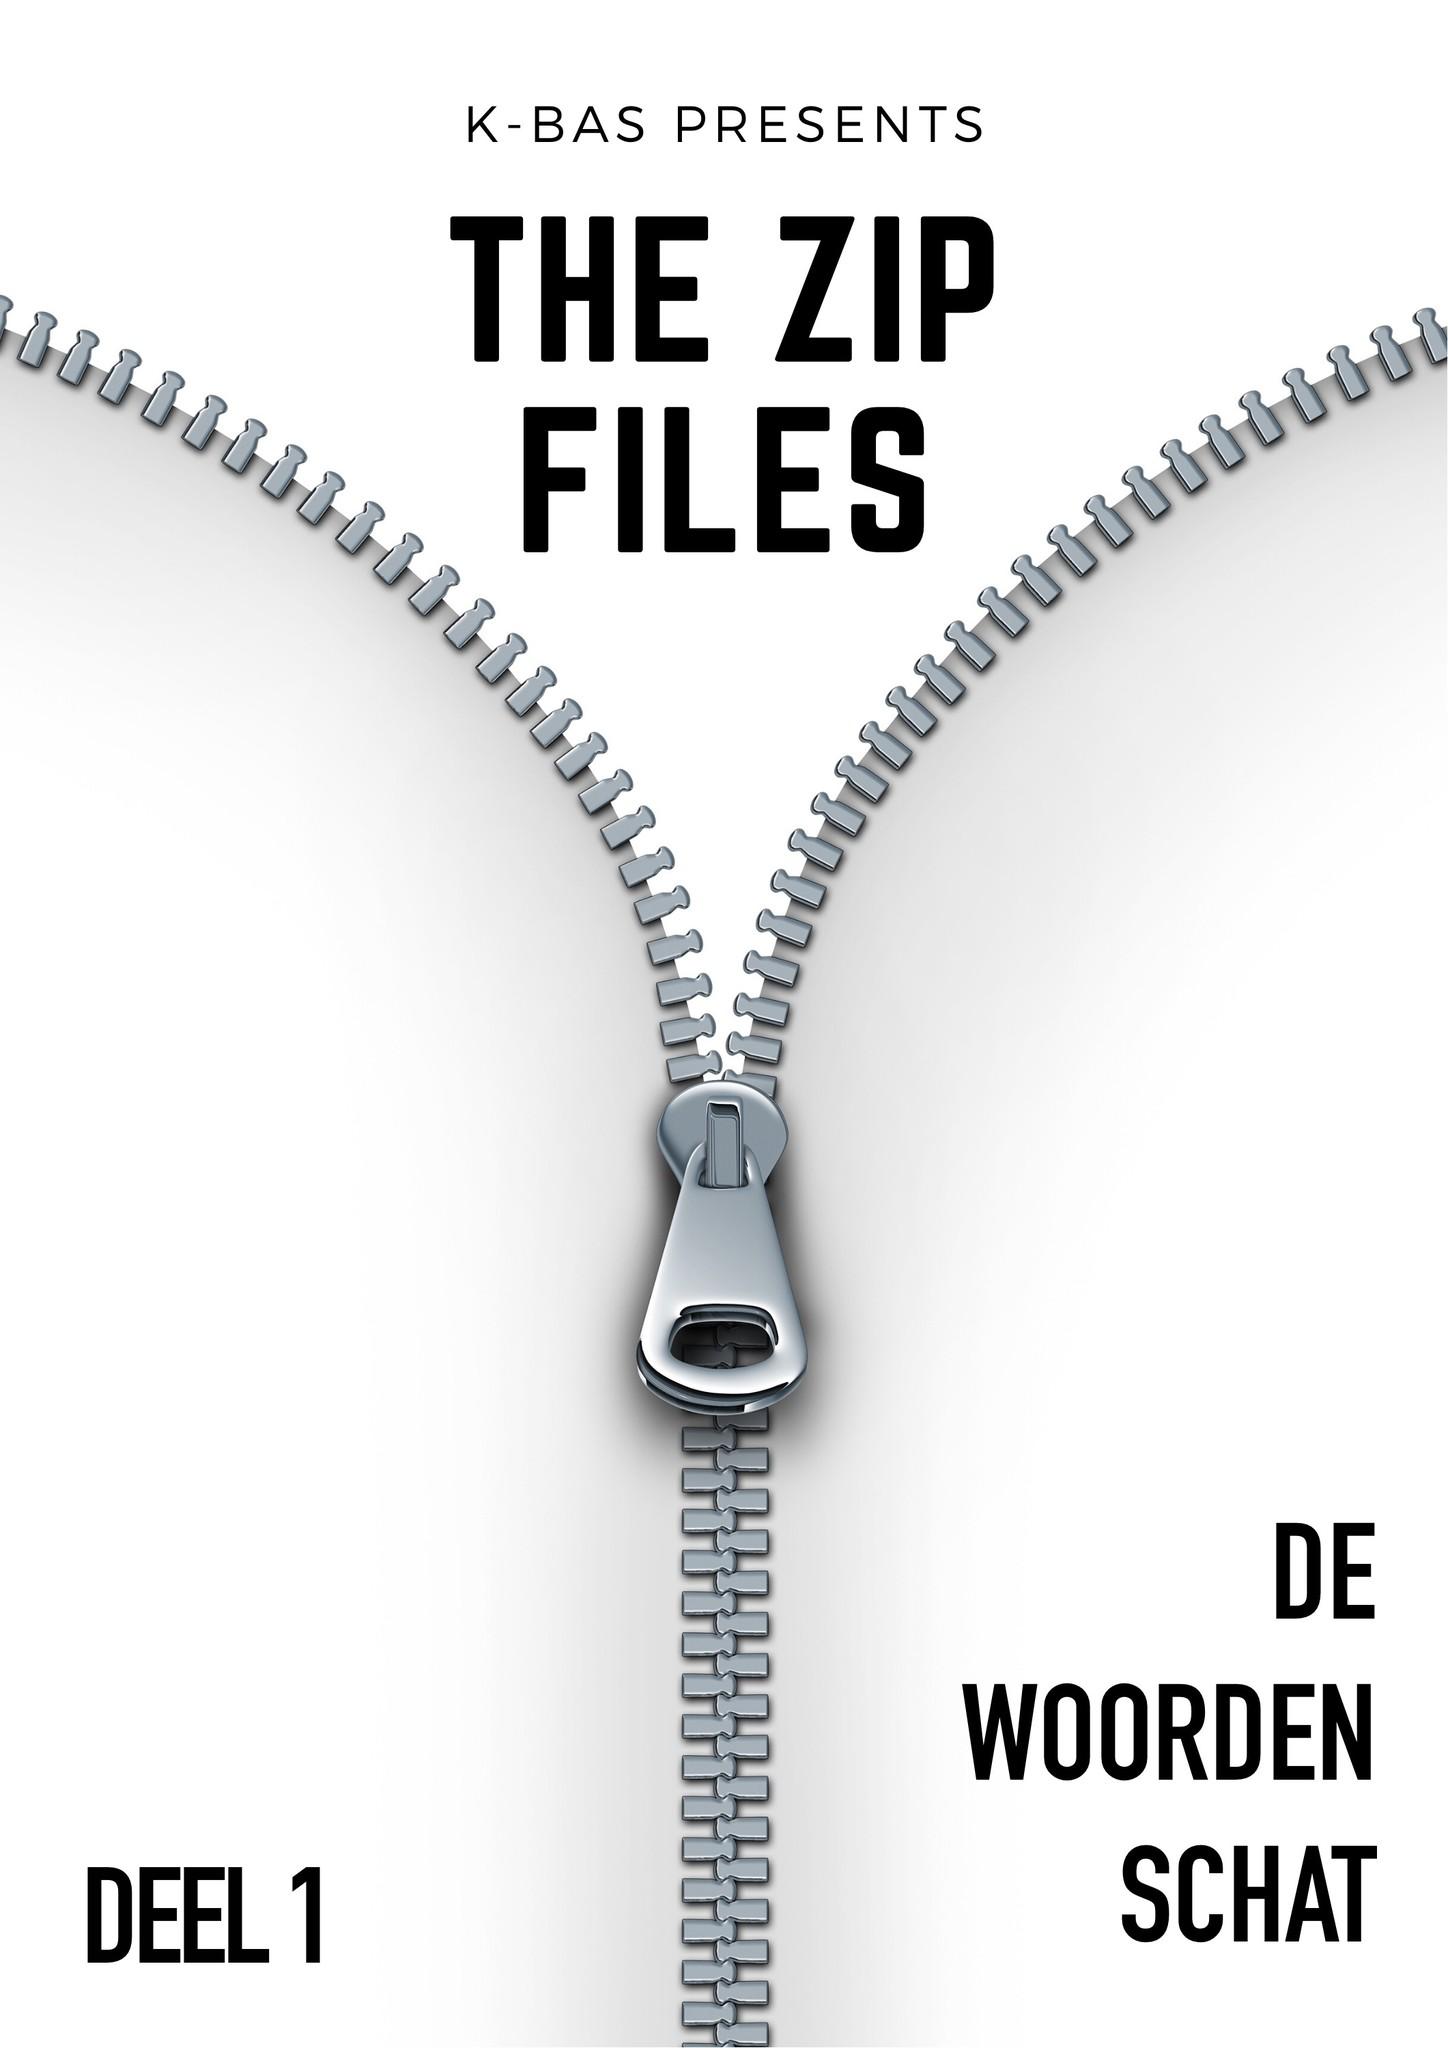 The zip-files: Deel 1 - De woordenschat - Soorten ritsen